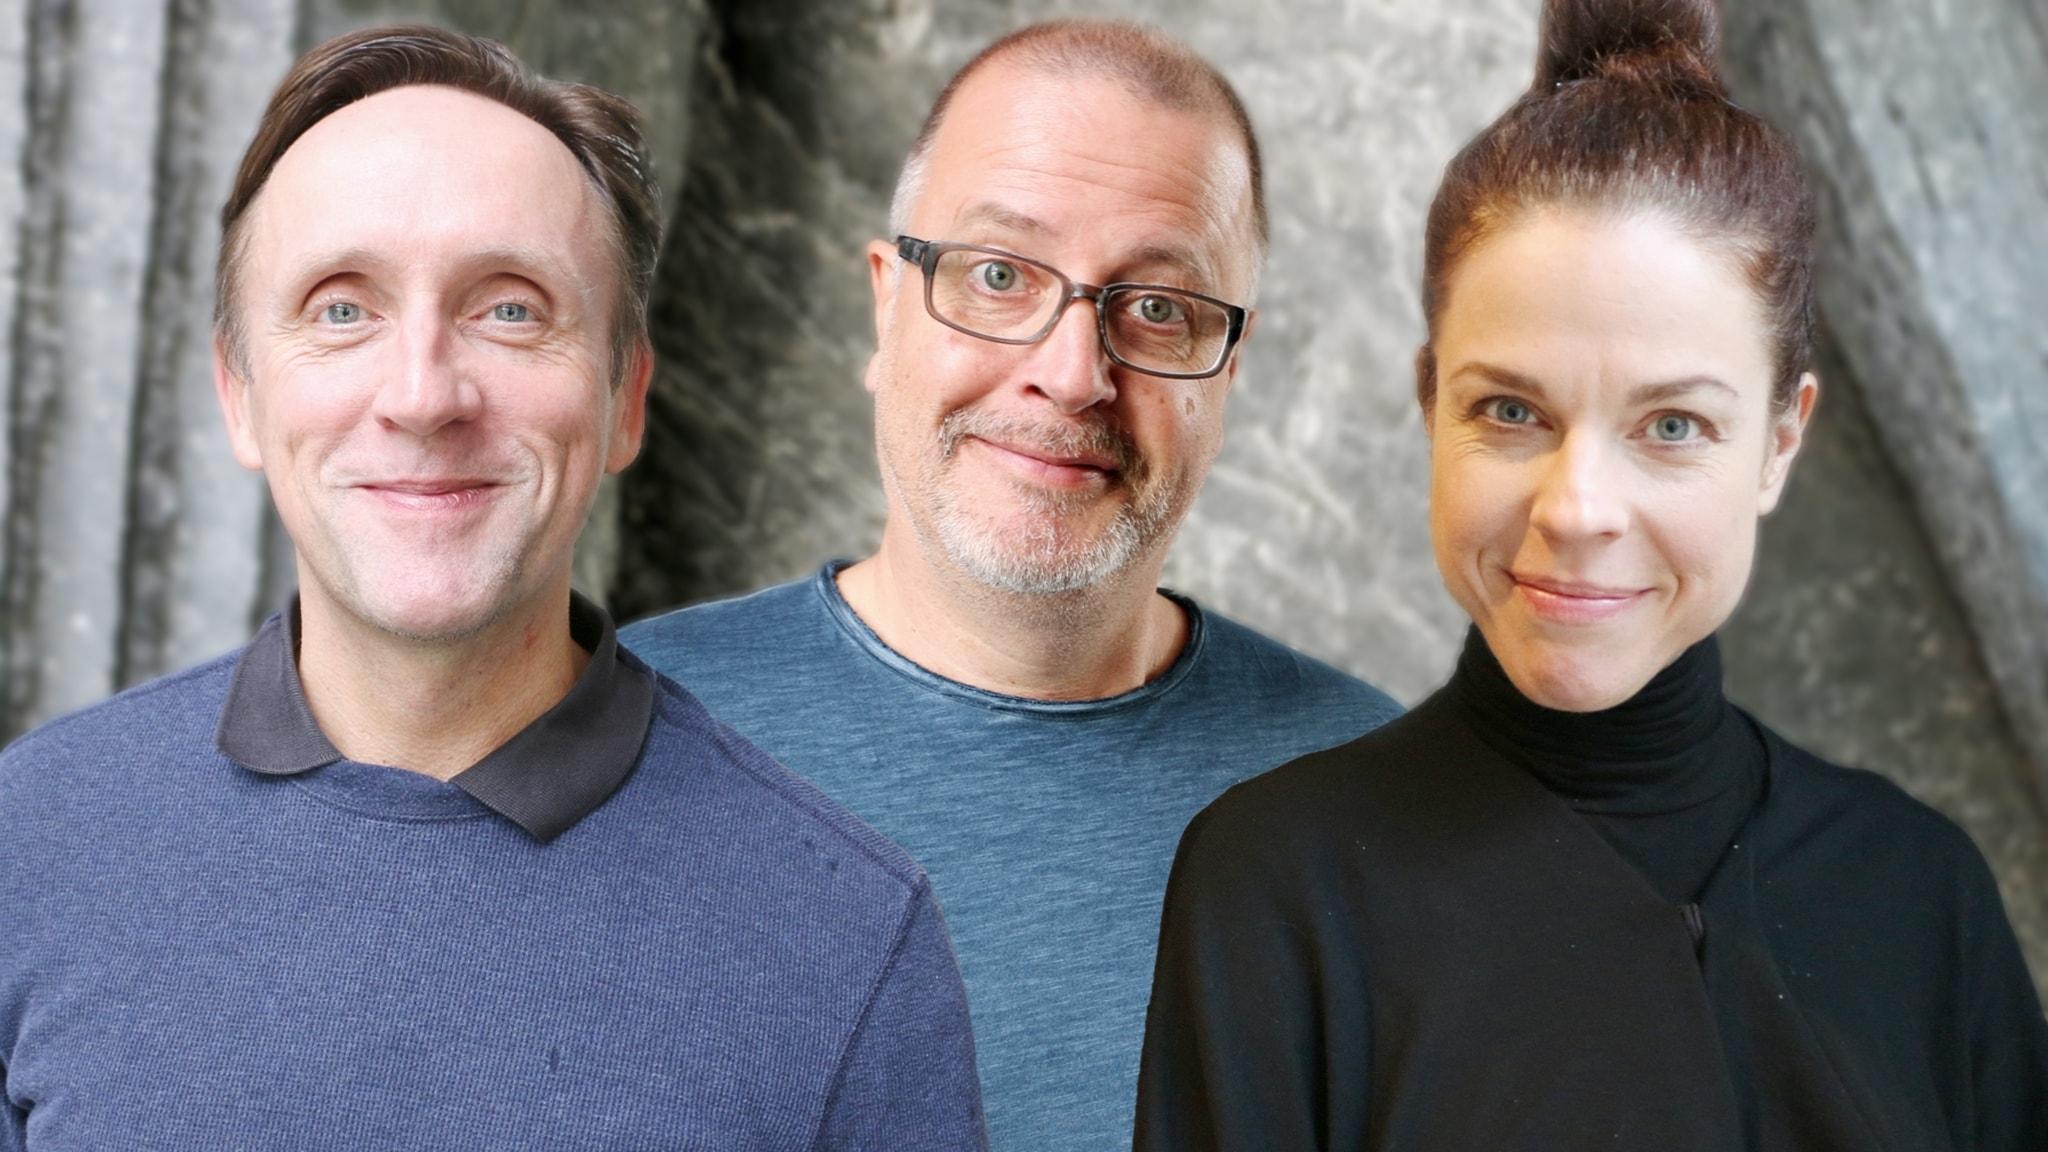 Porträttbilder på Göran Everdahl, Jessika Gedin och Jonathan Lindström. Alla tittar illmarigt och lite klurigt in i kameran.